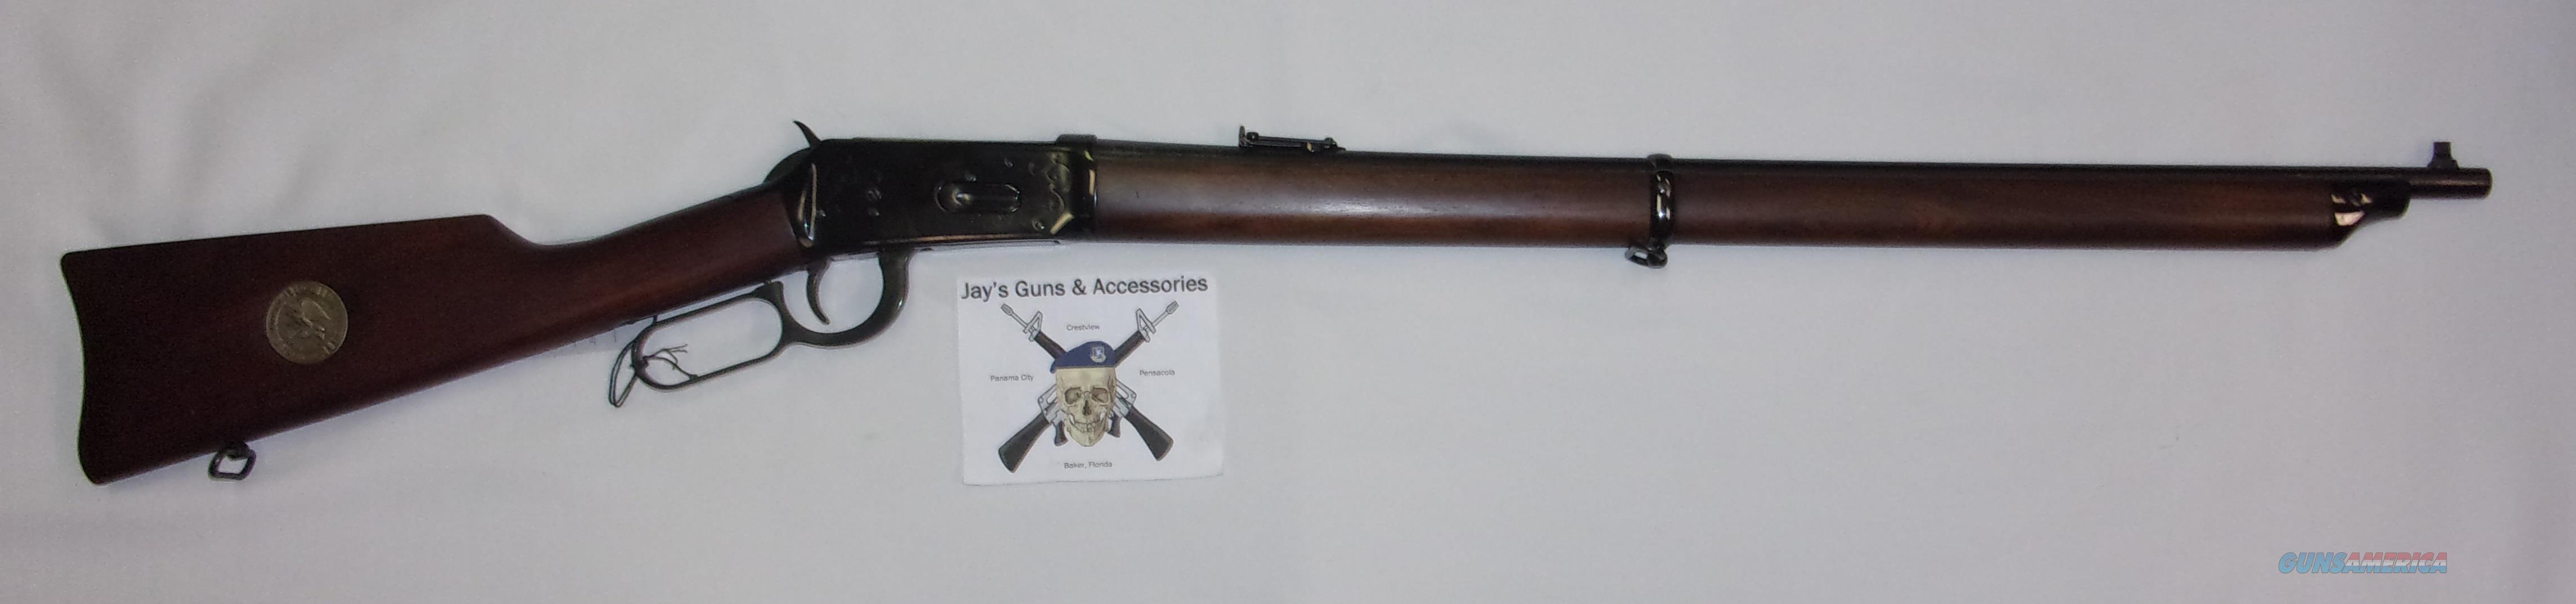 Winchester 94 NRA Centennial Musket  Guns > Rifles > Winchester Rifles - Modern Lever > Model 94 > Post-64